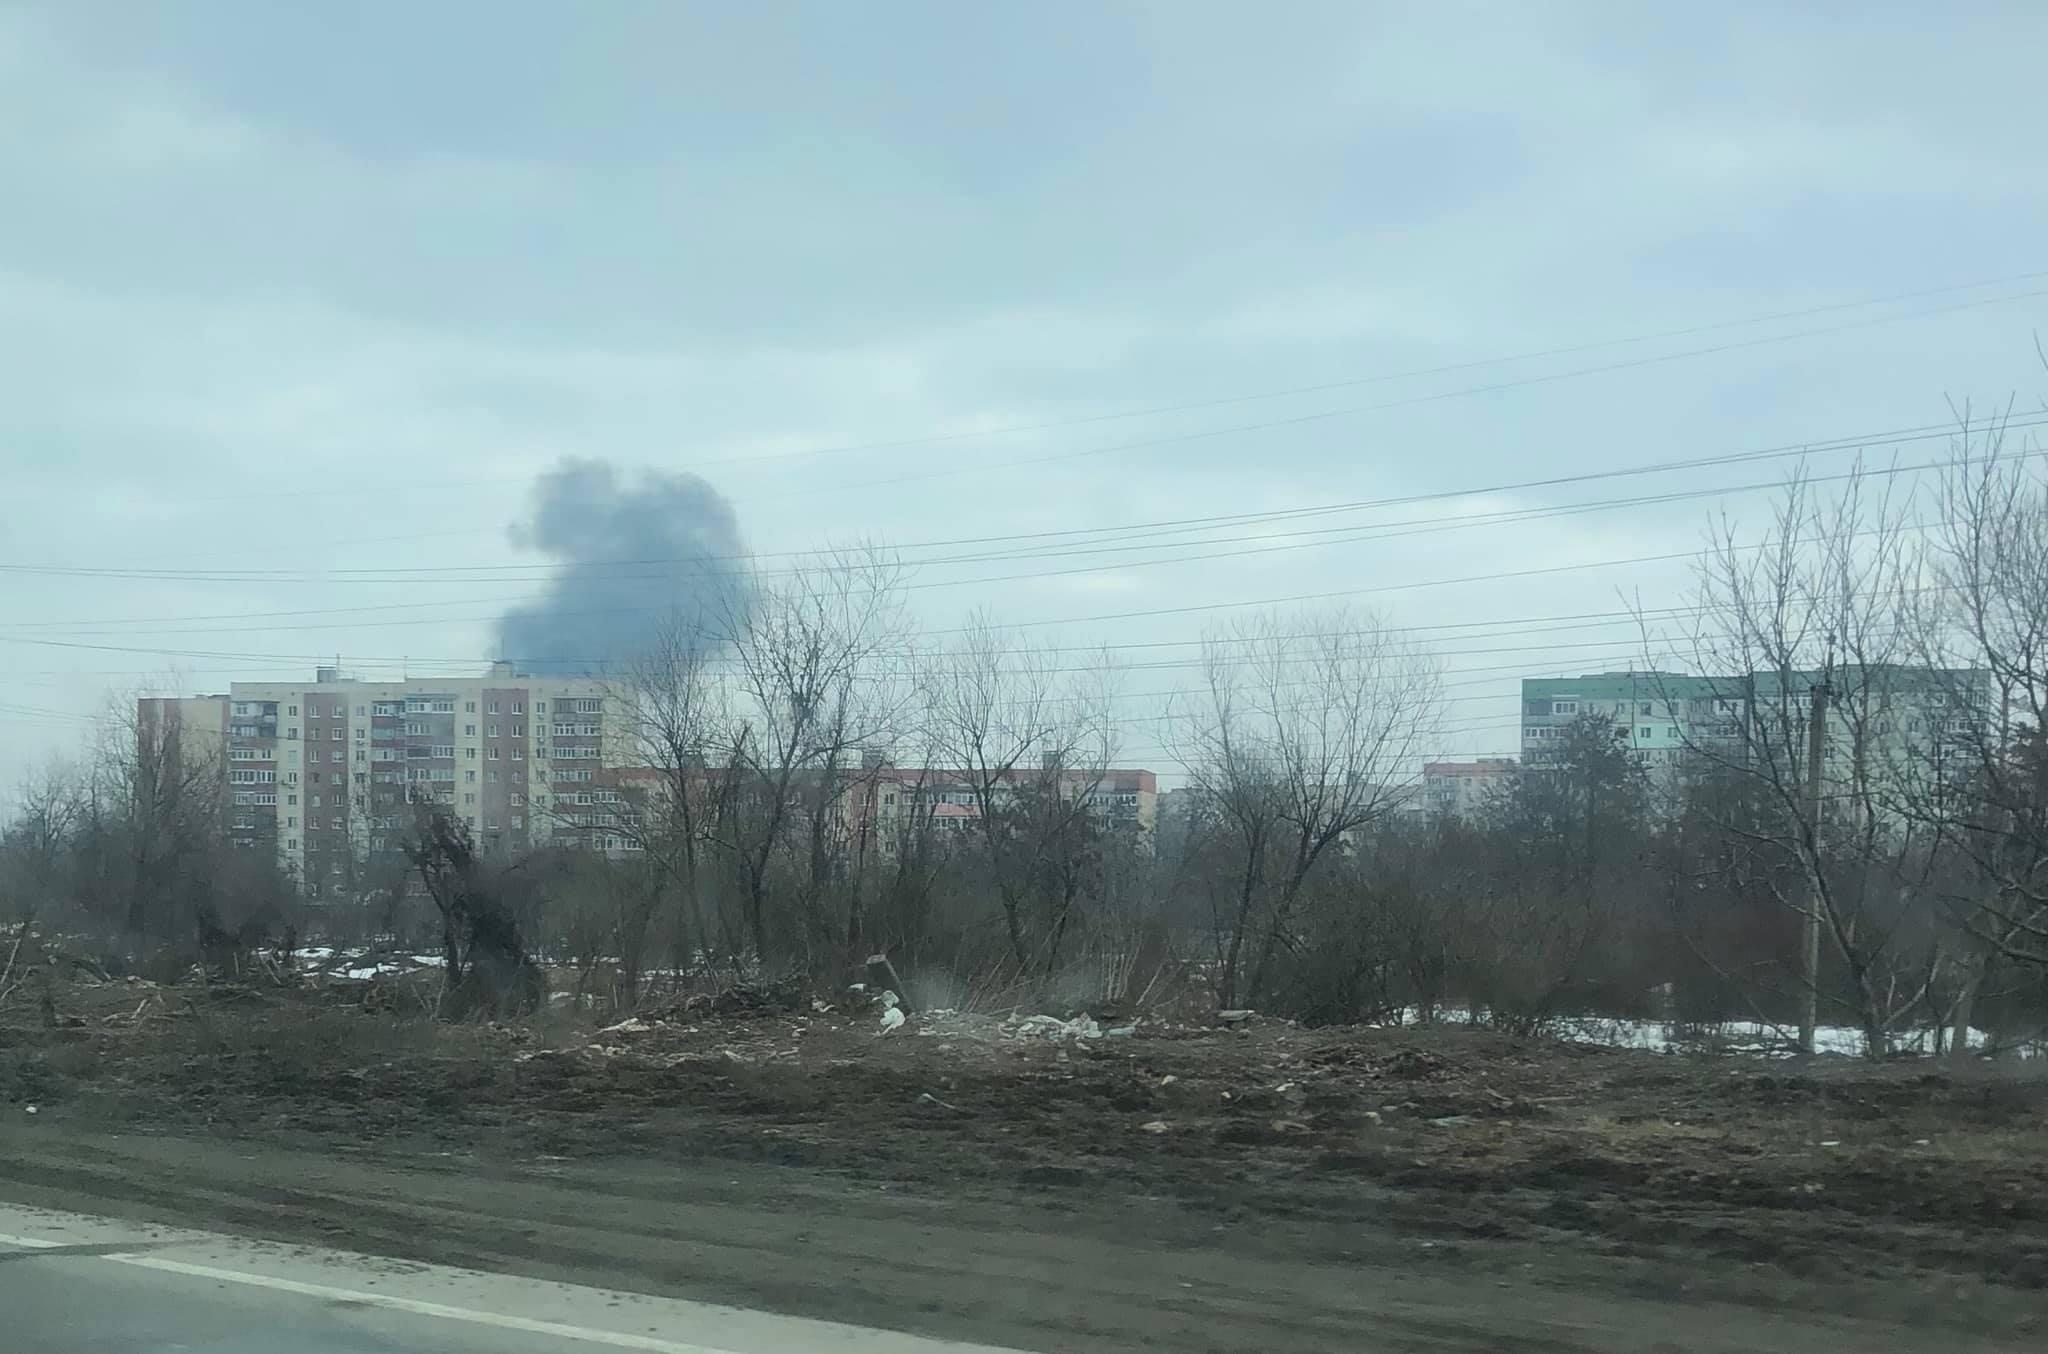 У Мукачеві в мікрорайоні Росвигово пожежа: горить будівля